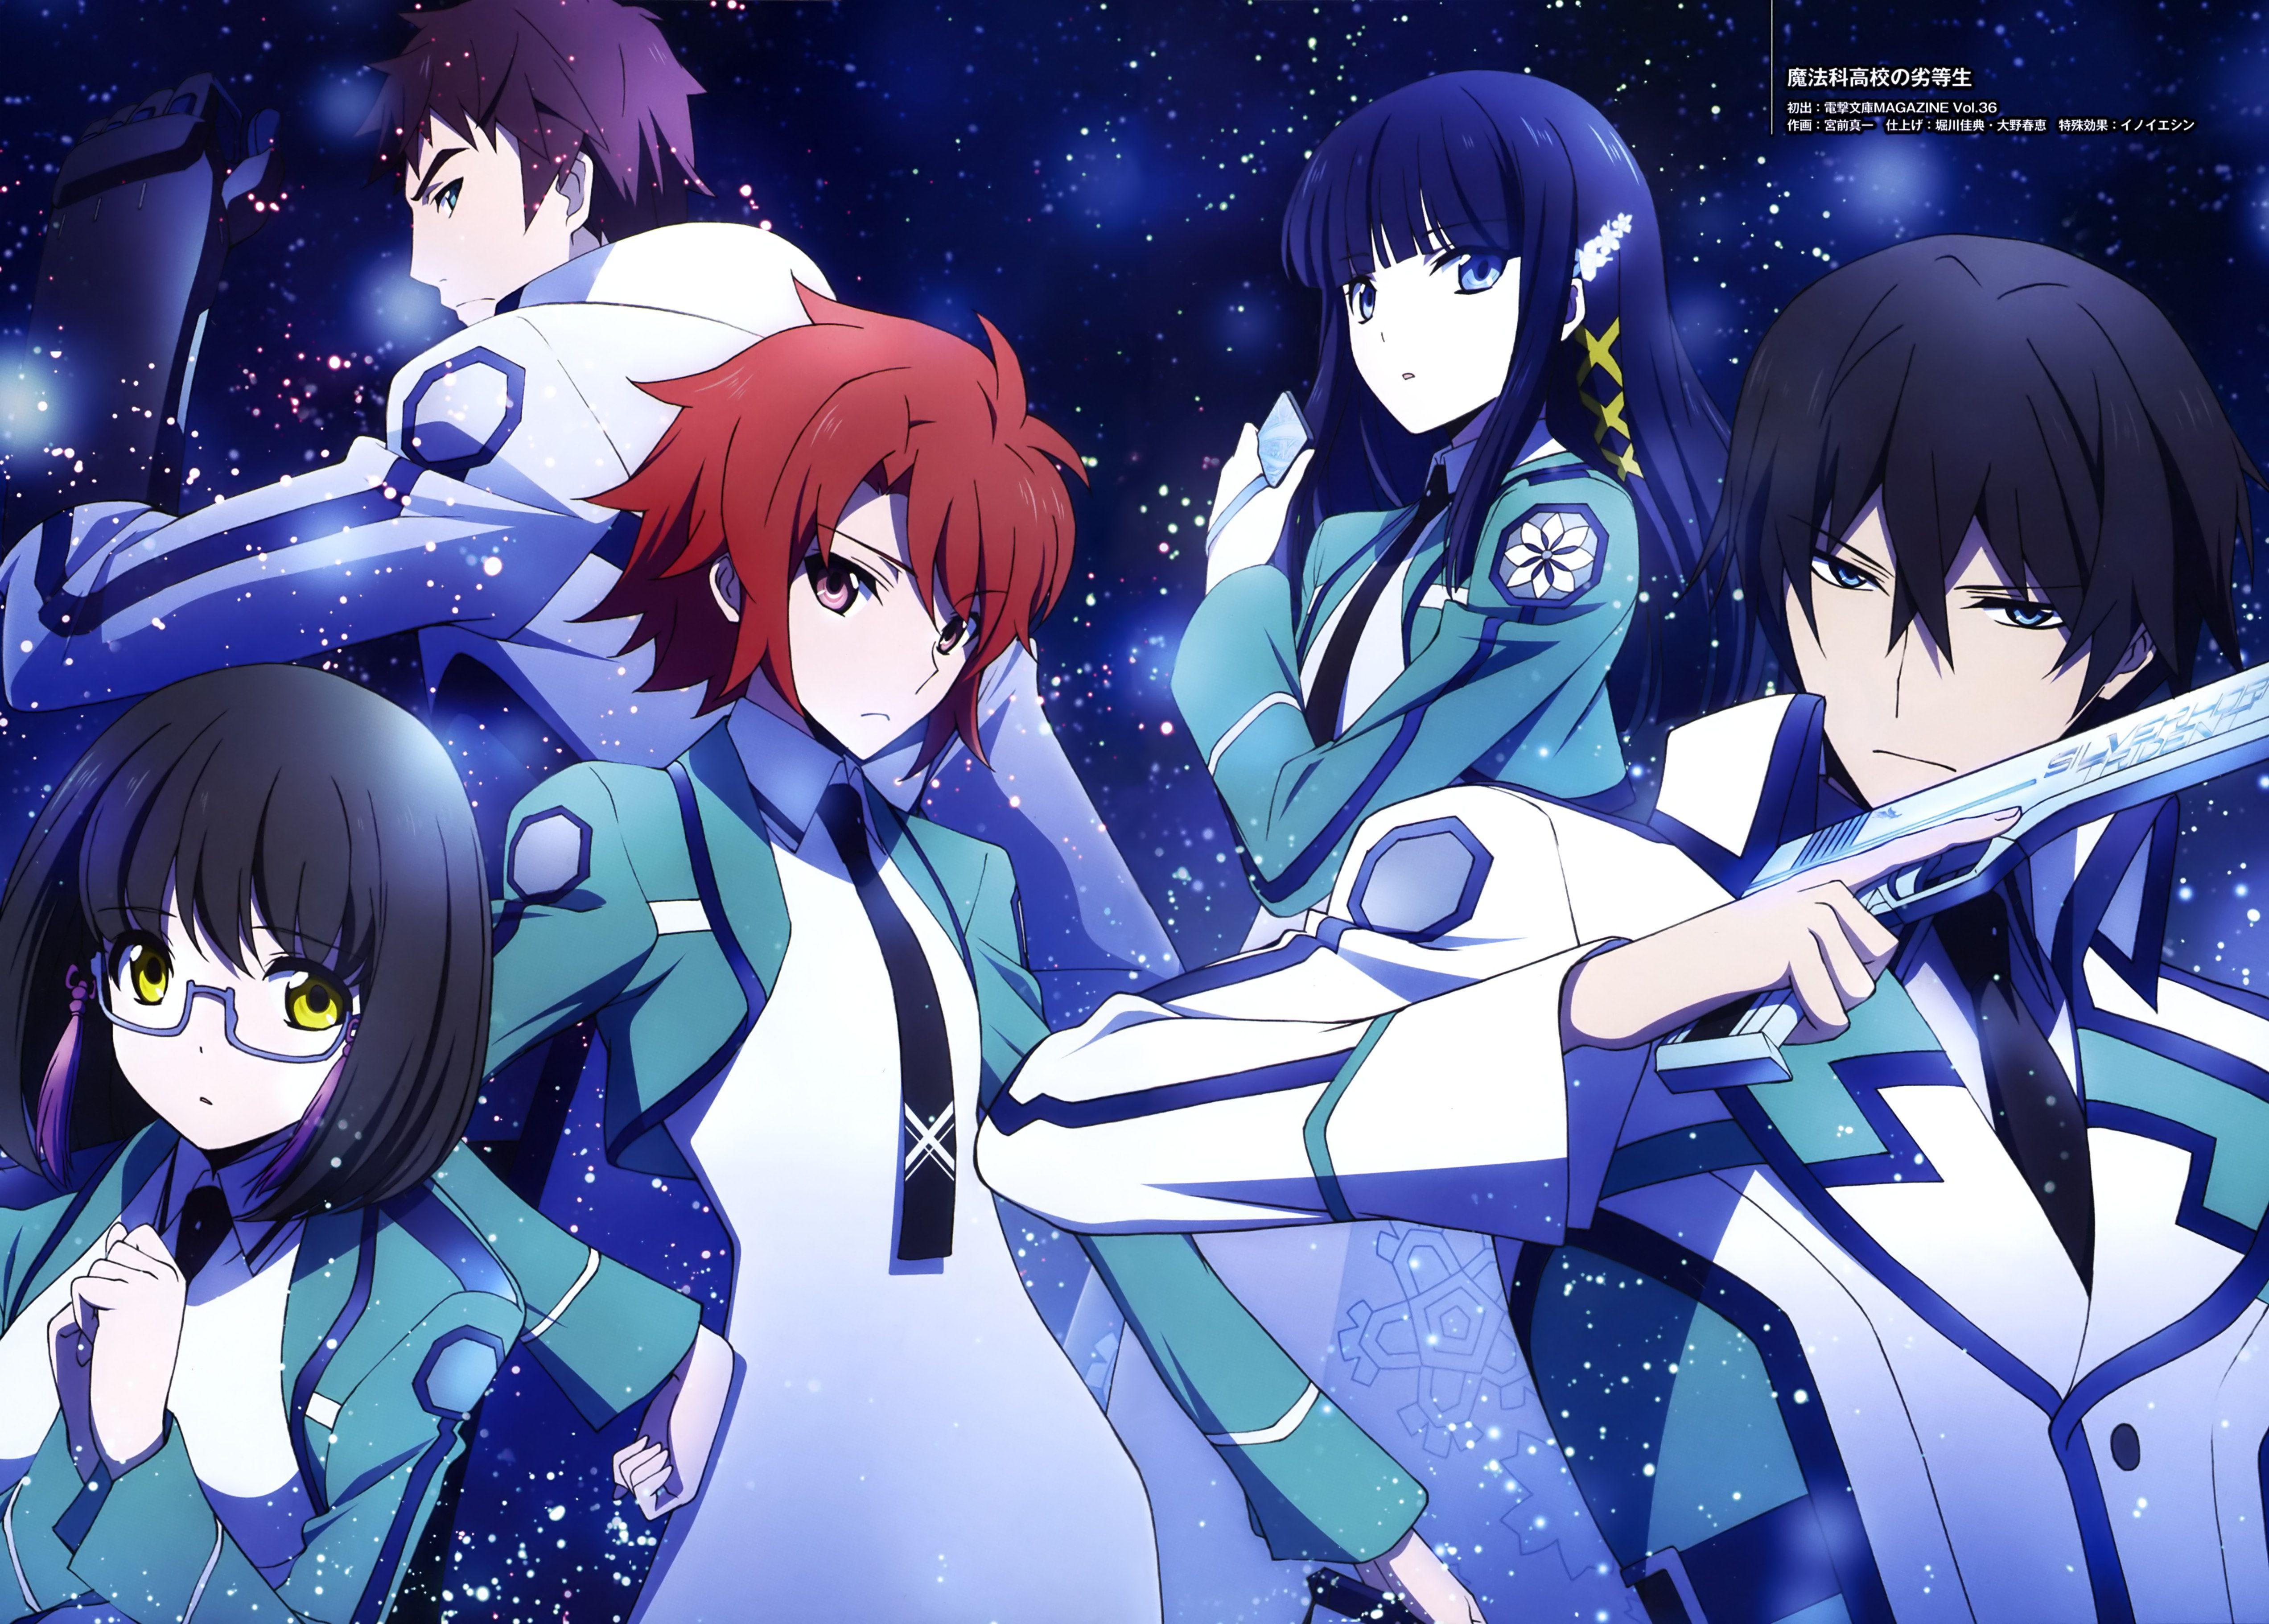 Смотреть онлайн аниме бездарный ученик школы магии смотреть аниме онлайн непутевый ученик в школе магии 1 сезон